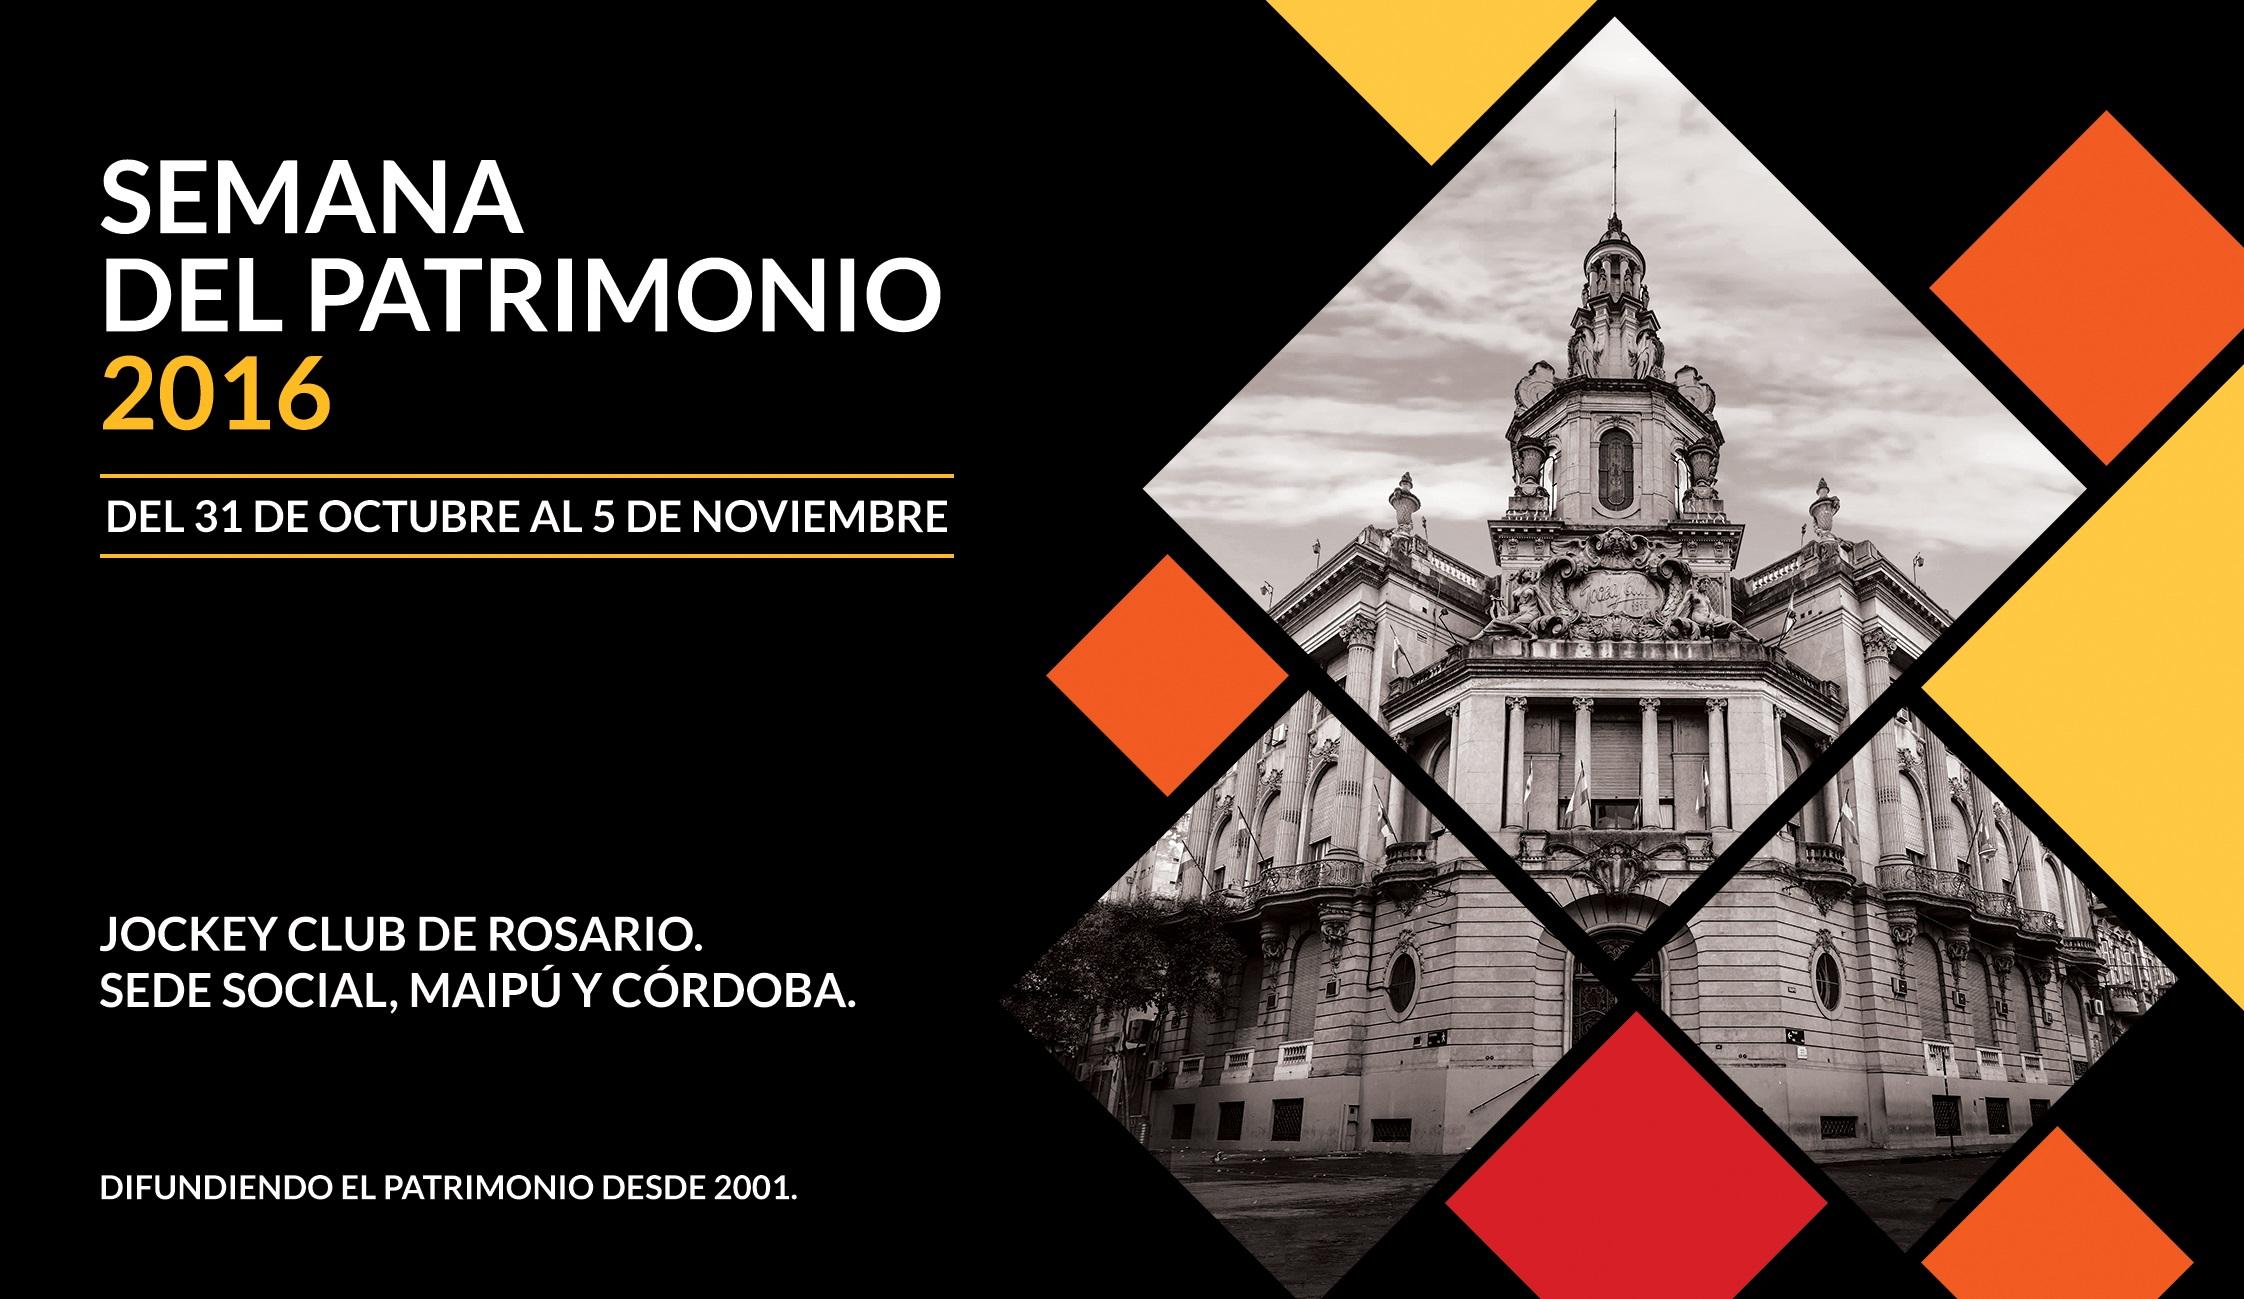 invitacion-frente-semana-del-patrimonio-jcr